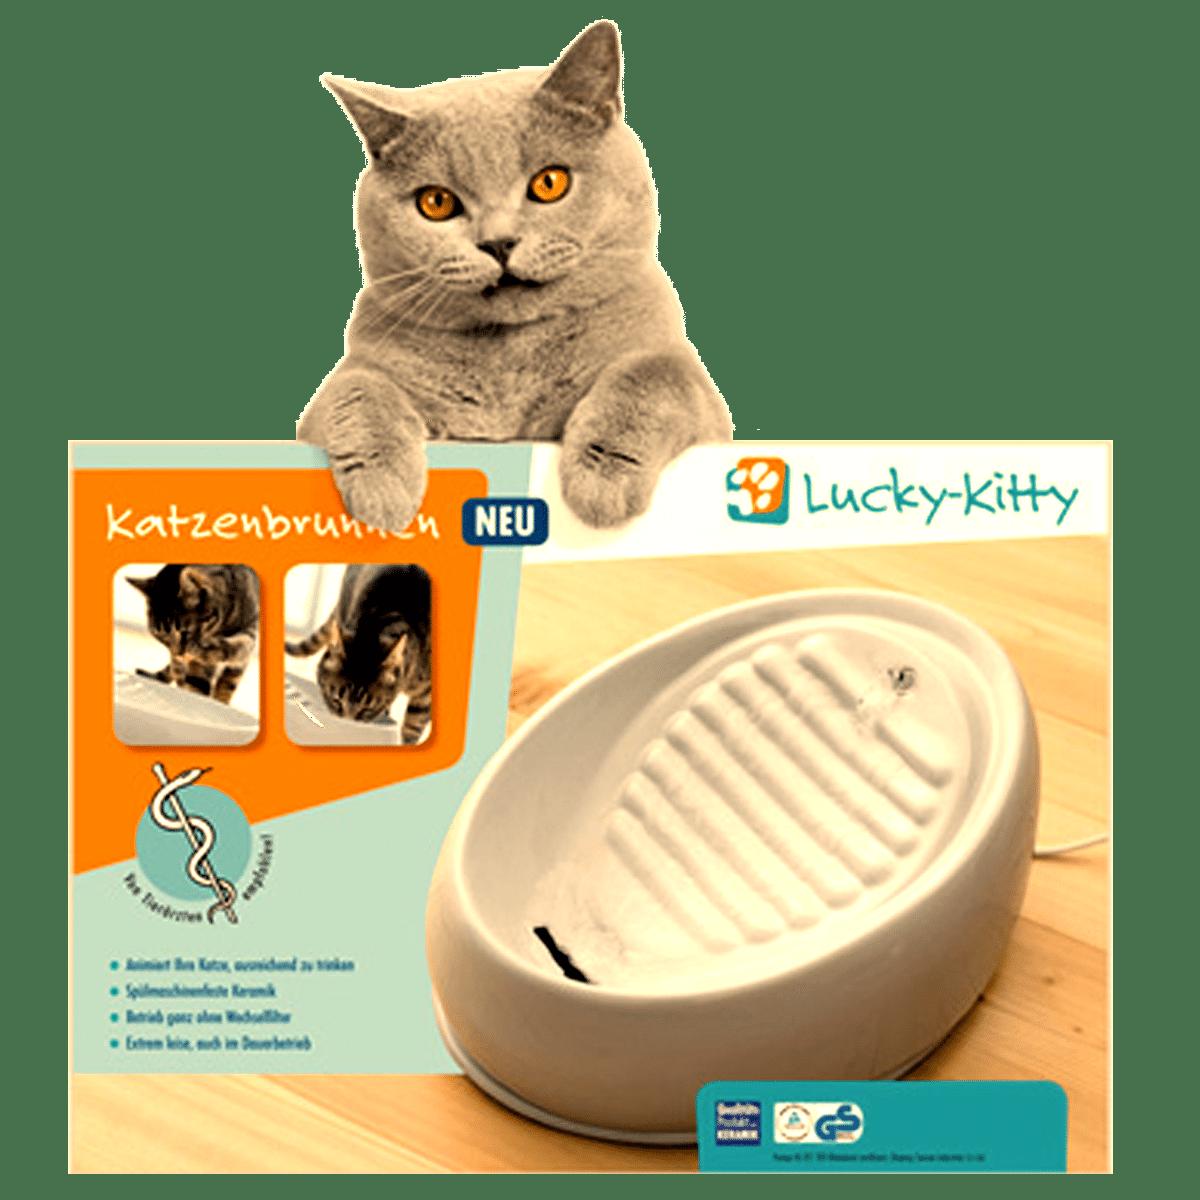 Kattens favorit fontän- stadig-tyst och lätt att diska